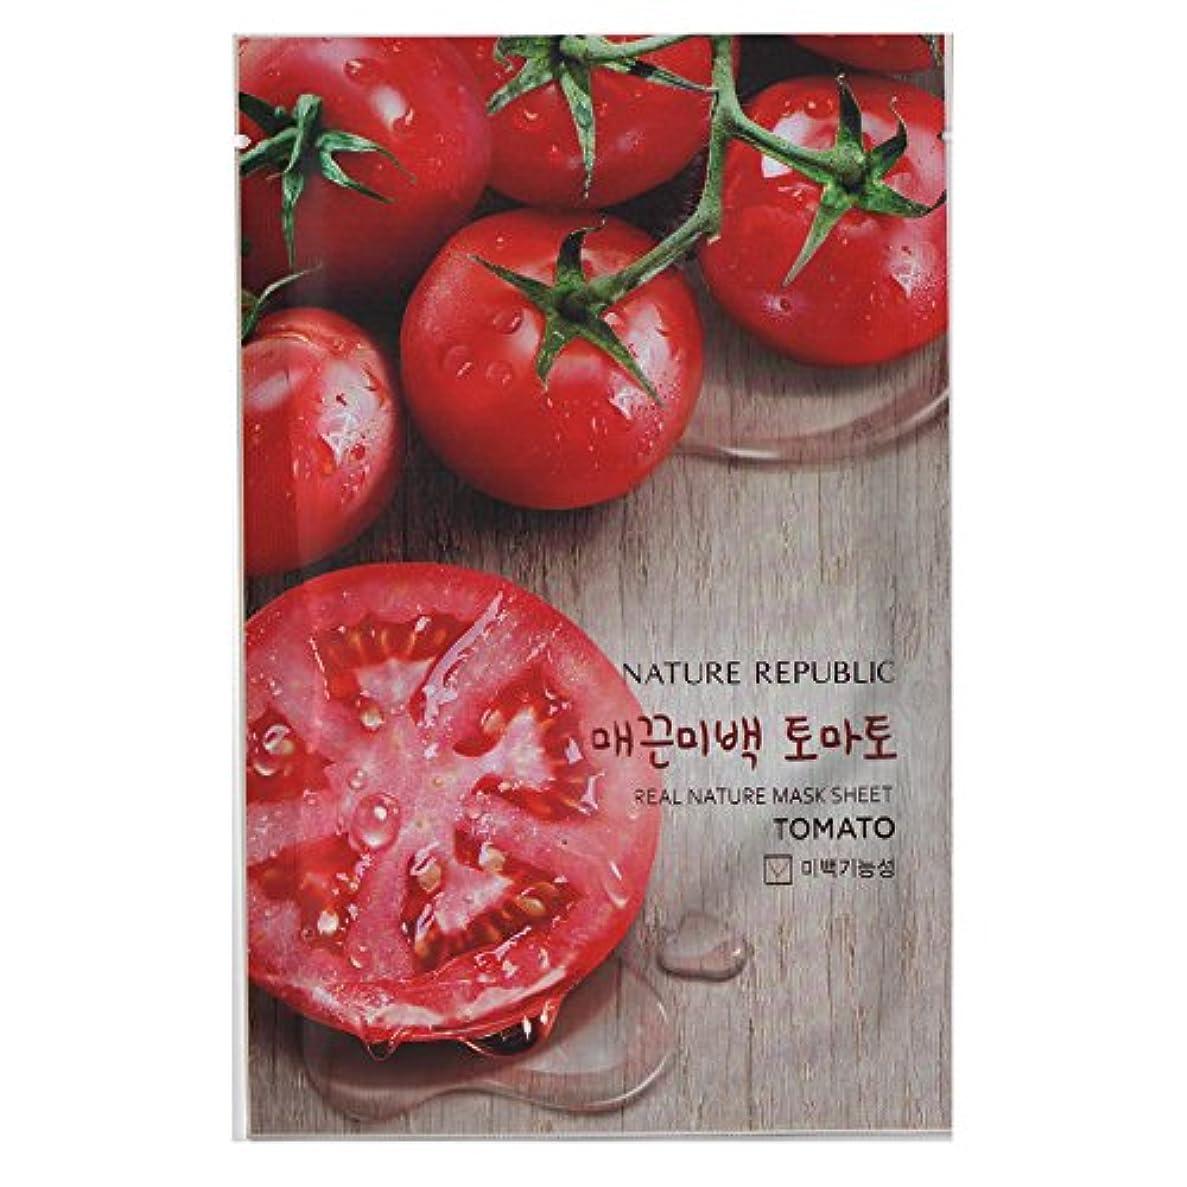 プレートせがむ時折[NATURE REPUBLIC] リアルネイチャー マスクシート Real Nature Mask Sheet (Tomato (トマト) 10個) [並行輸入品]